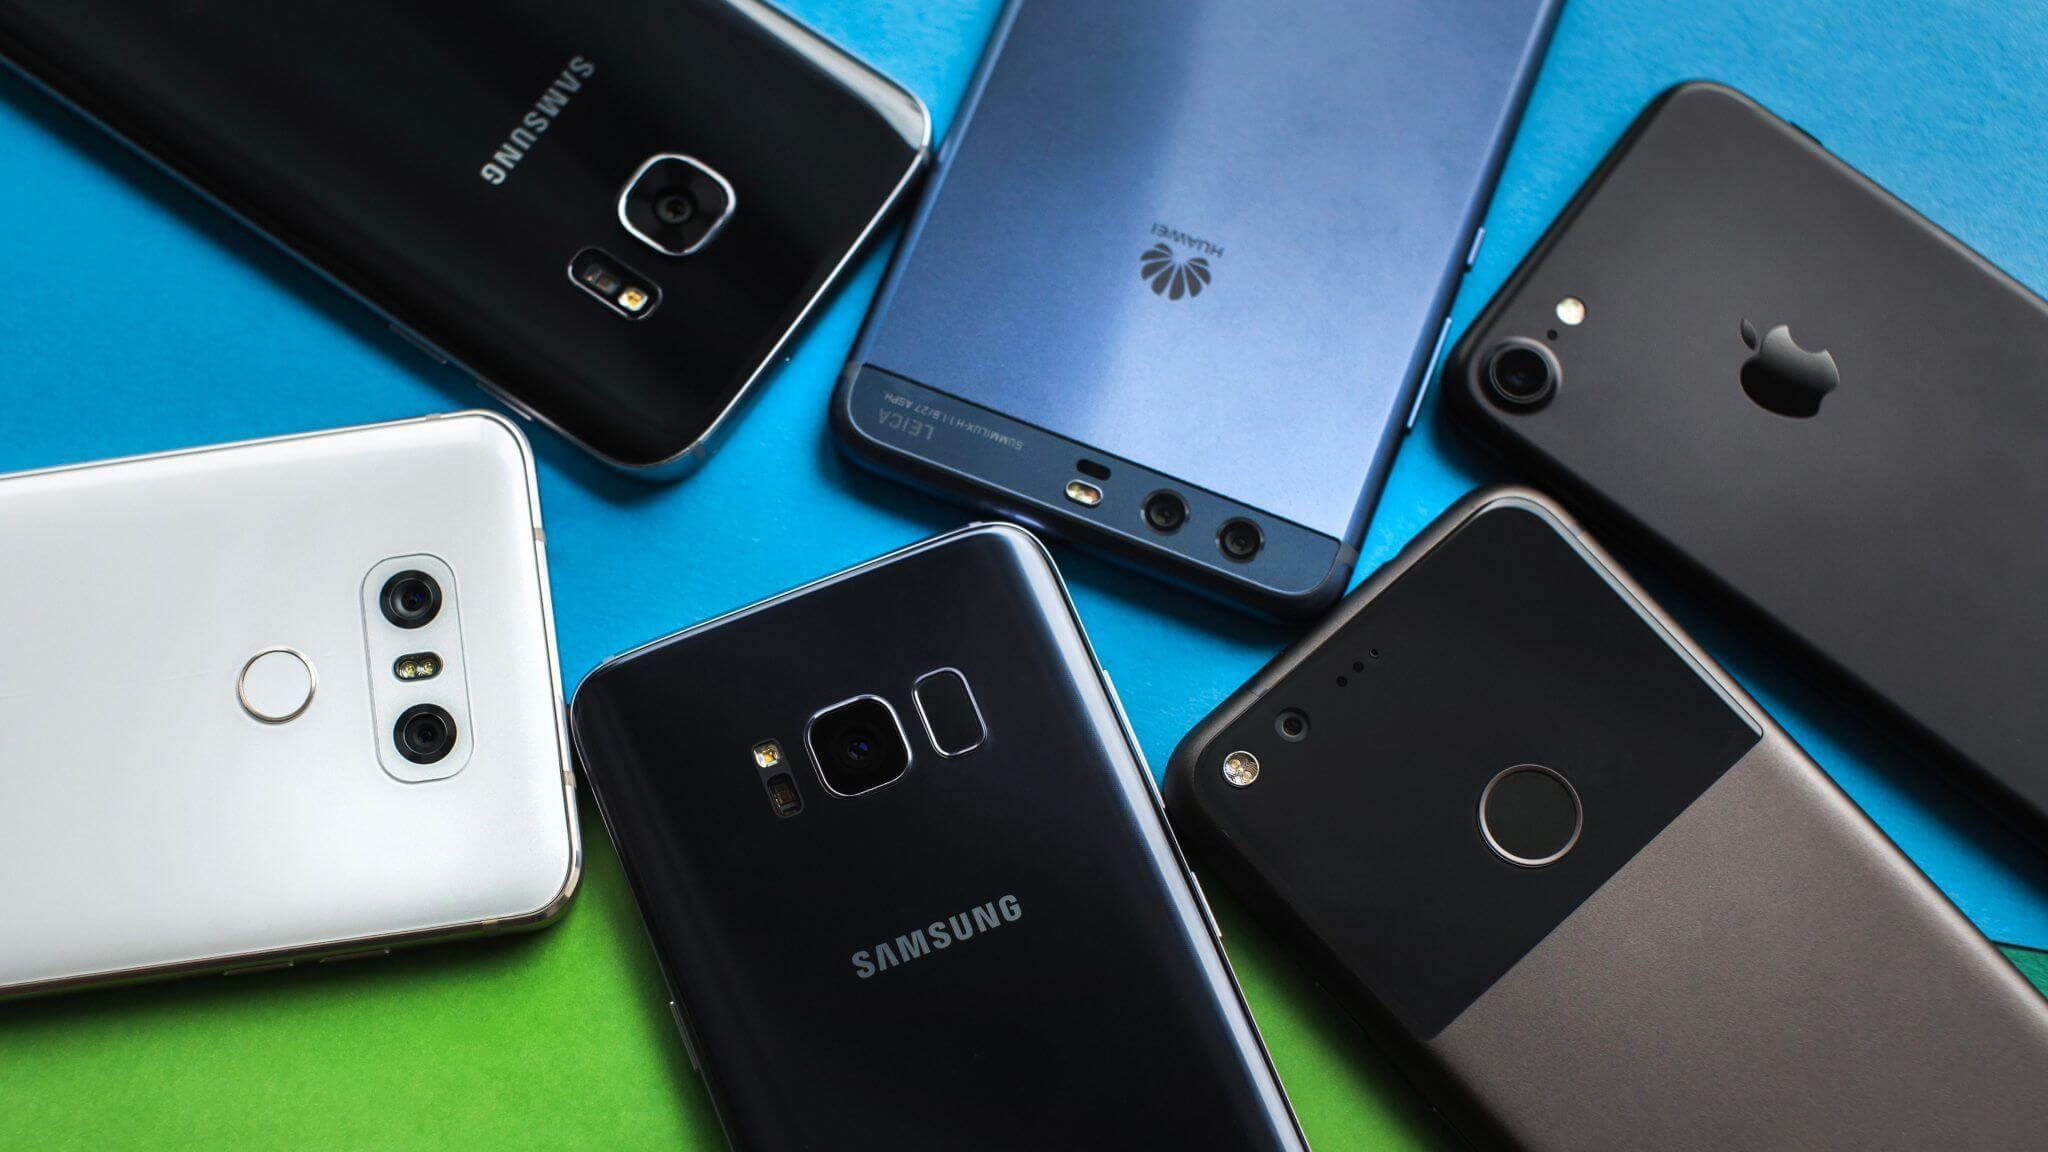 Smartphones buscados - Você sabe qual é a marca de celular mais vendida na OLX?